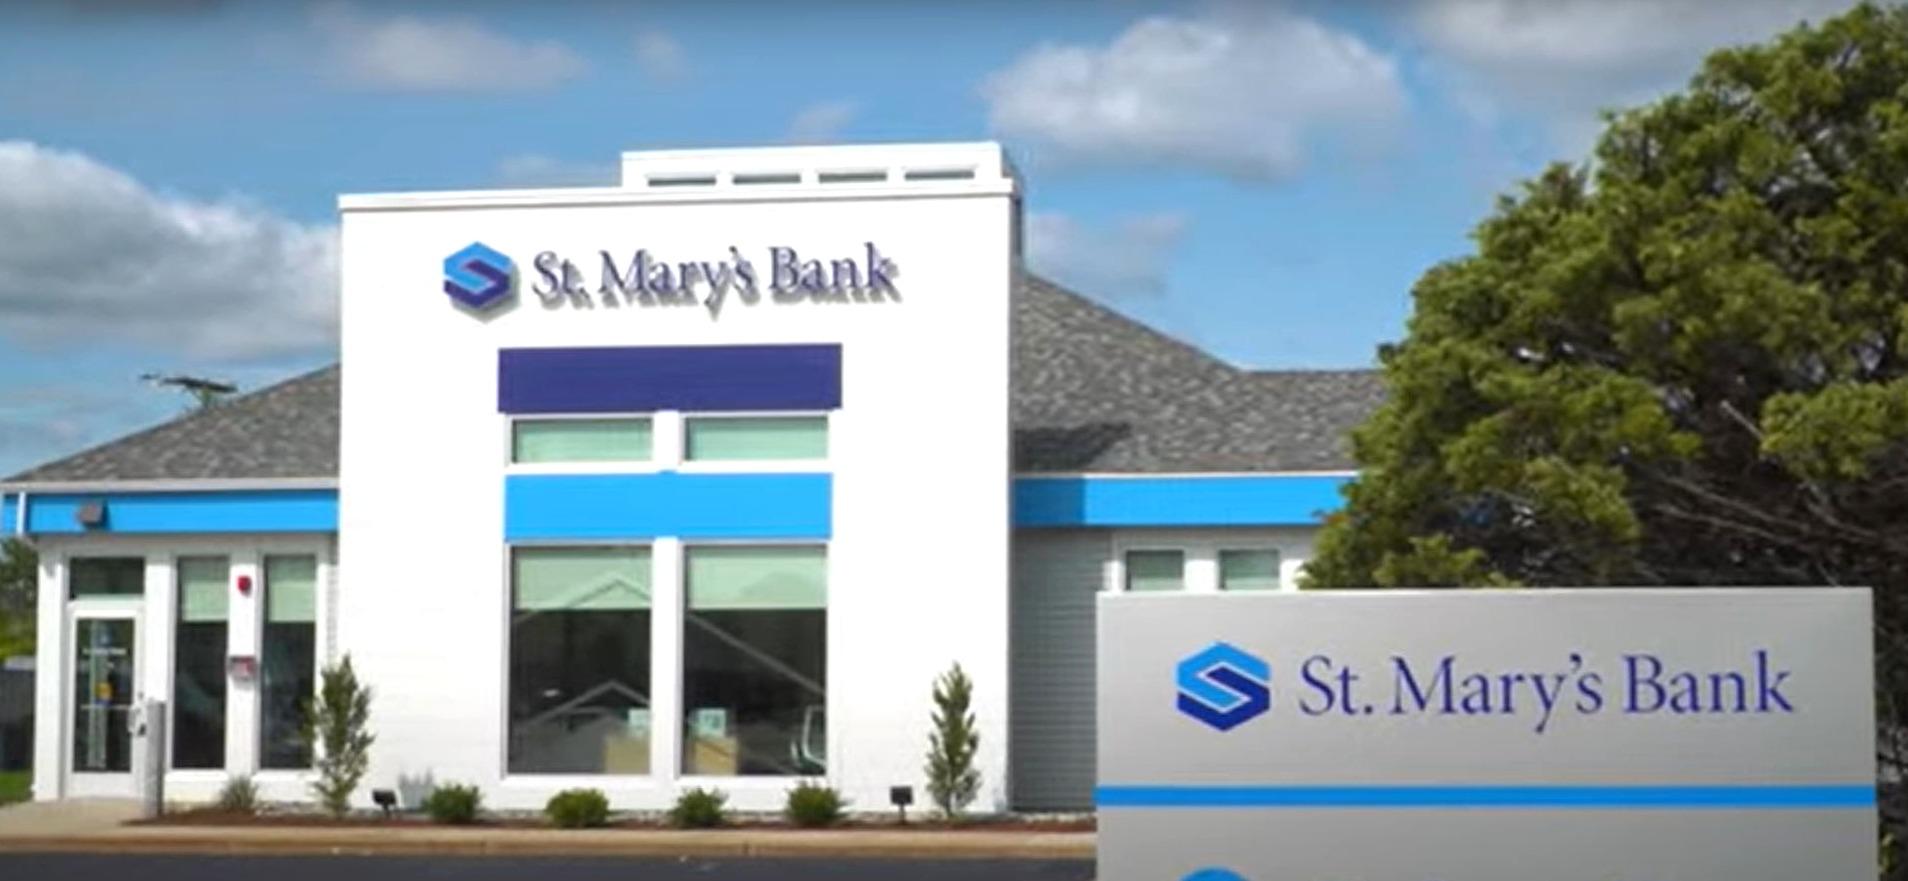 St. Mary's Bank - Nashua